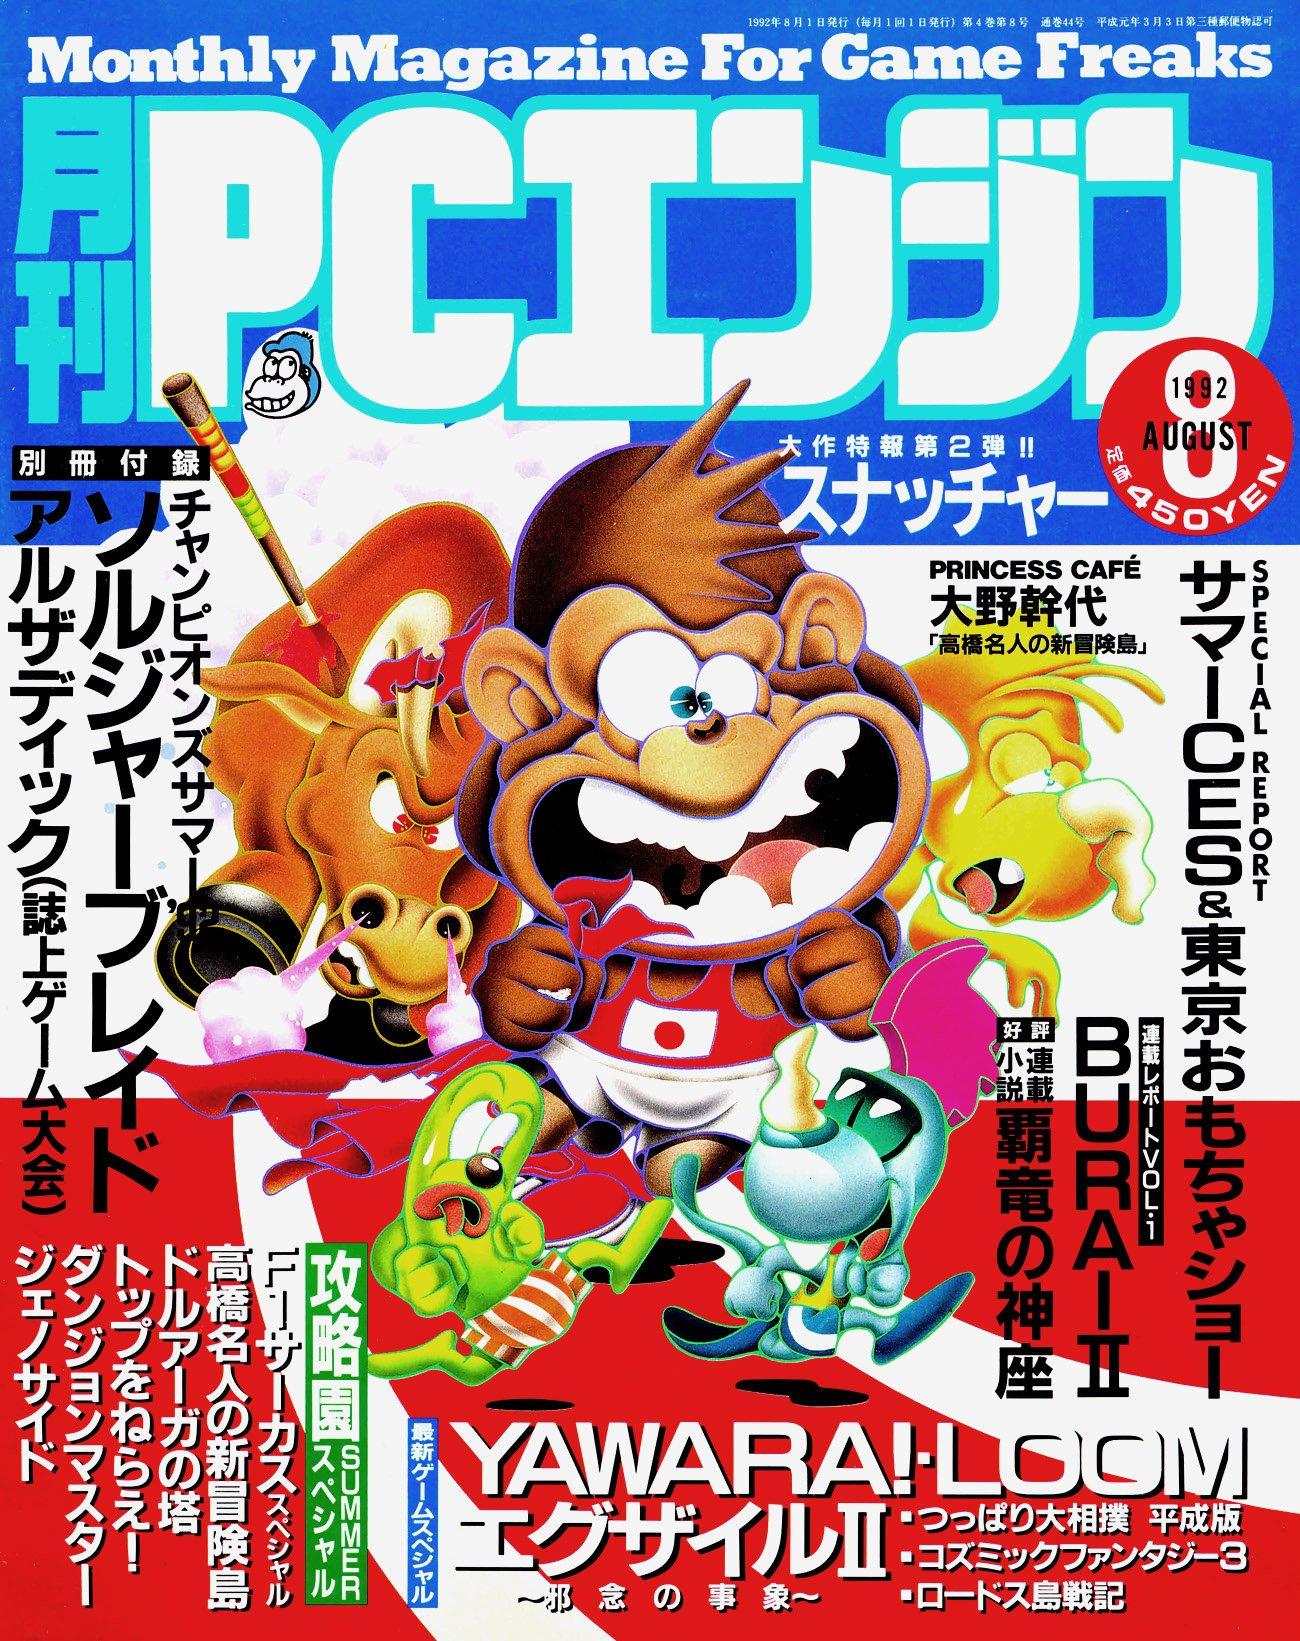 Gekkan PC Engine Issue 44 (August 1992)